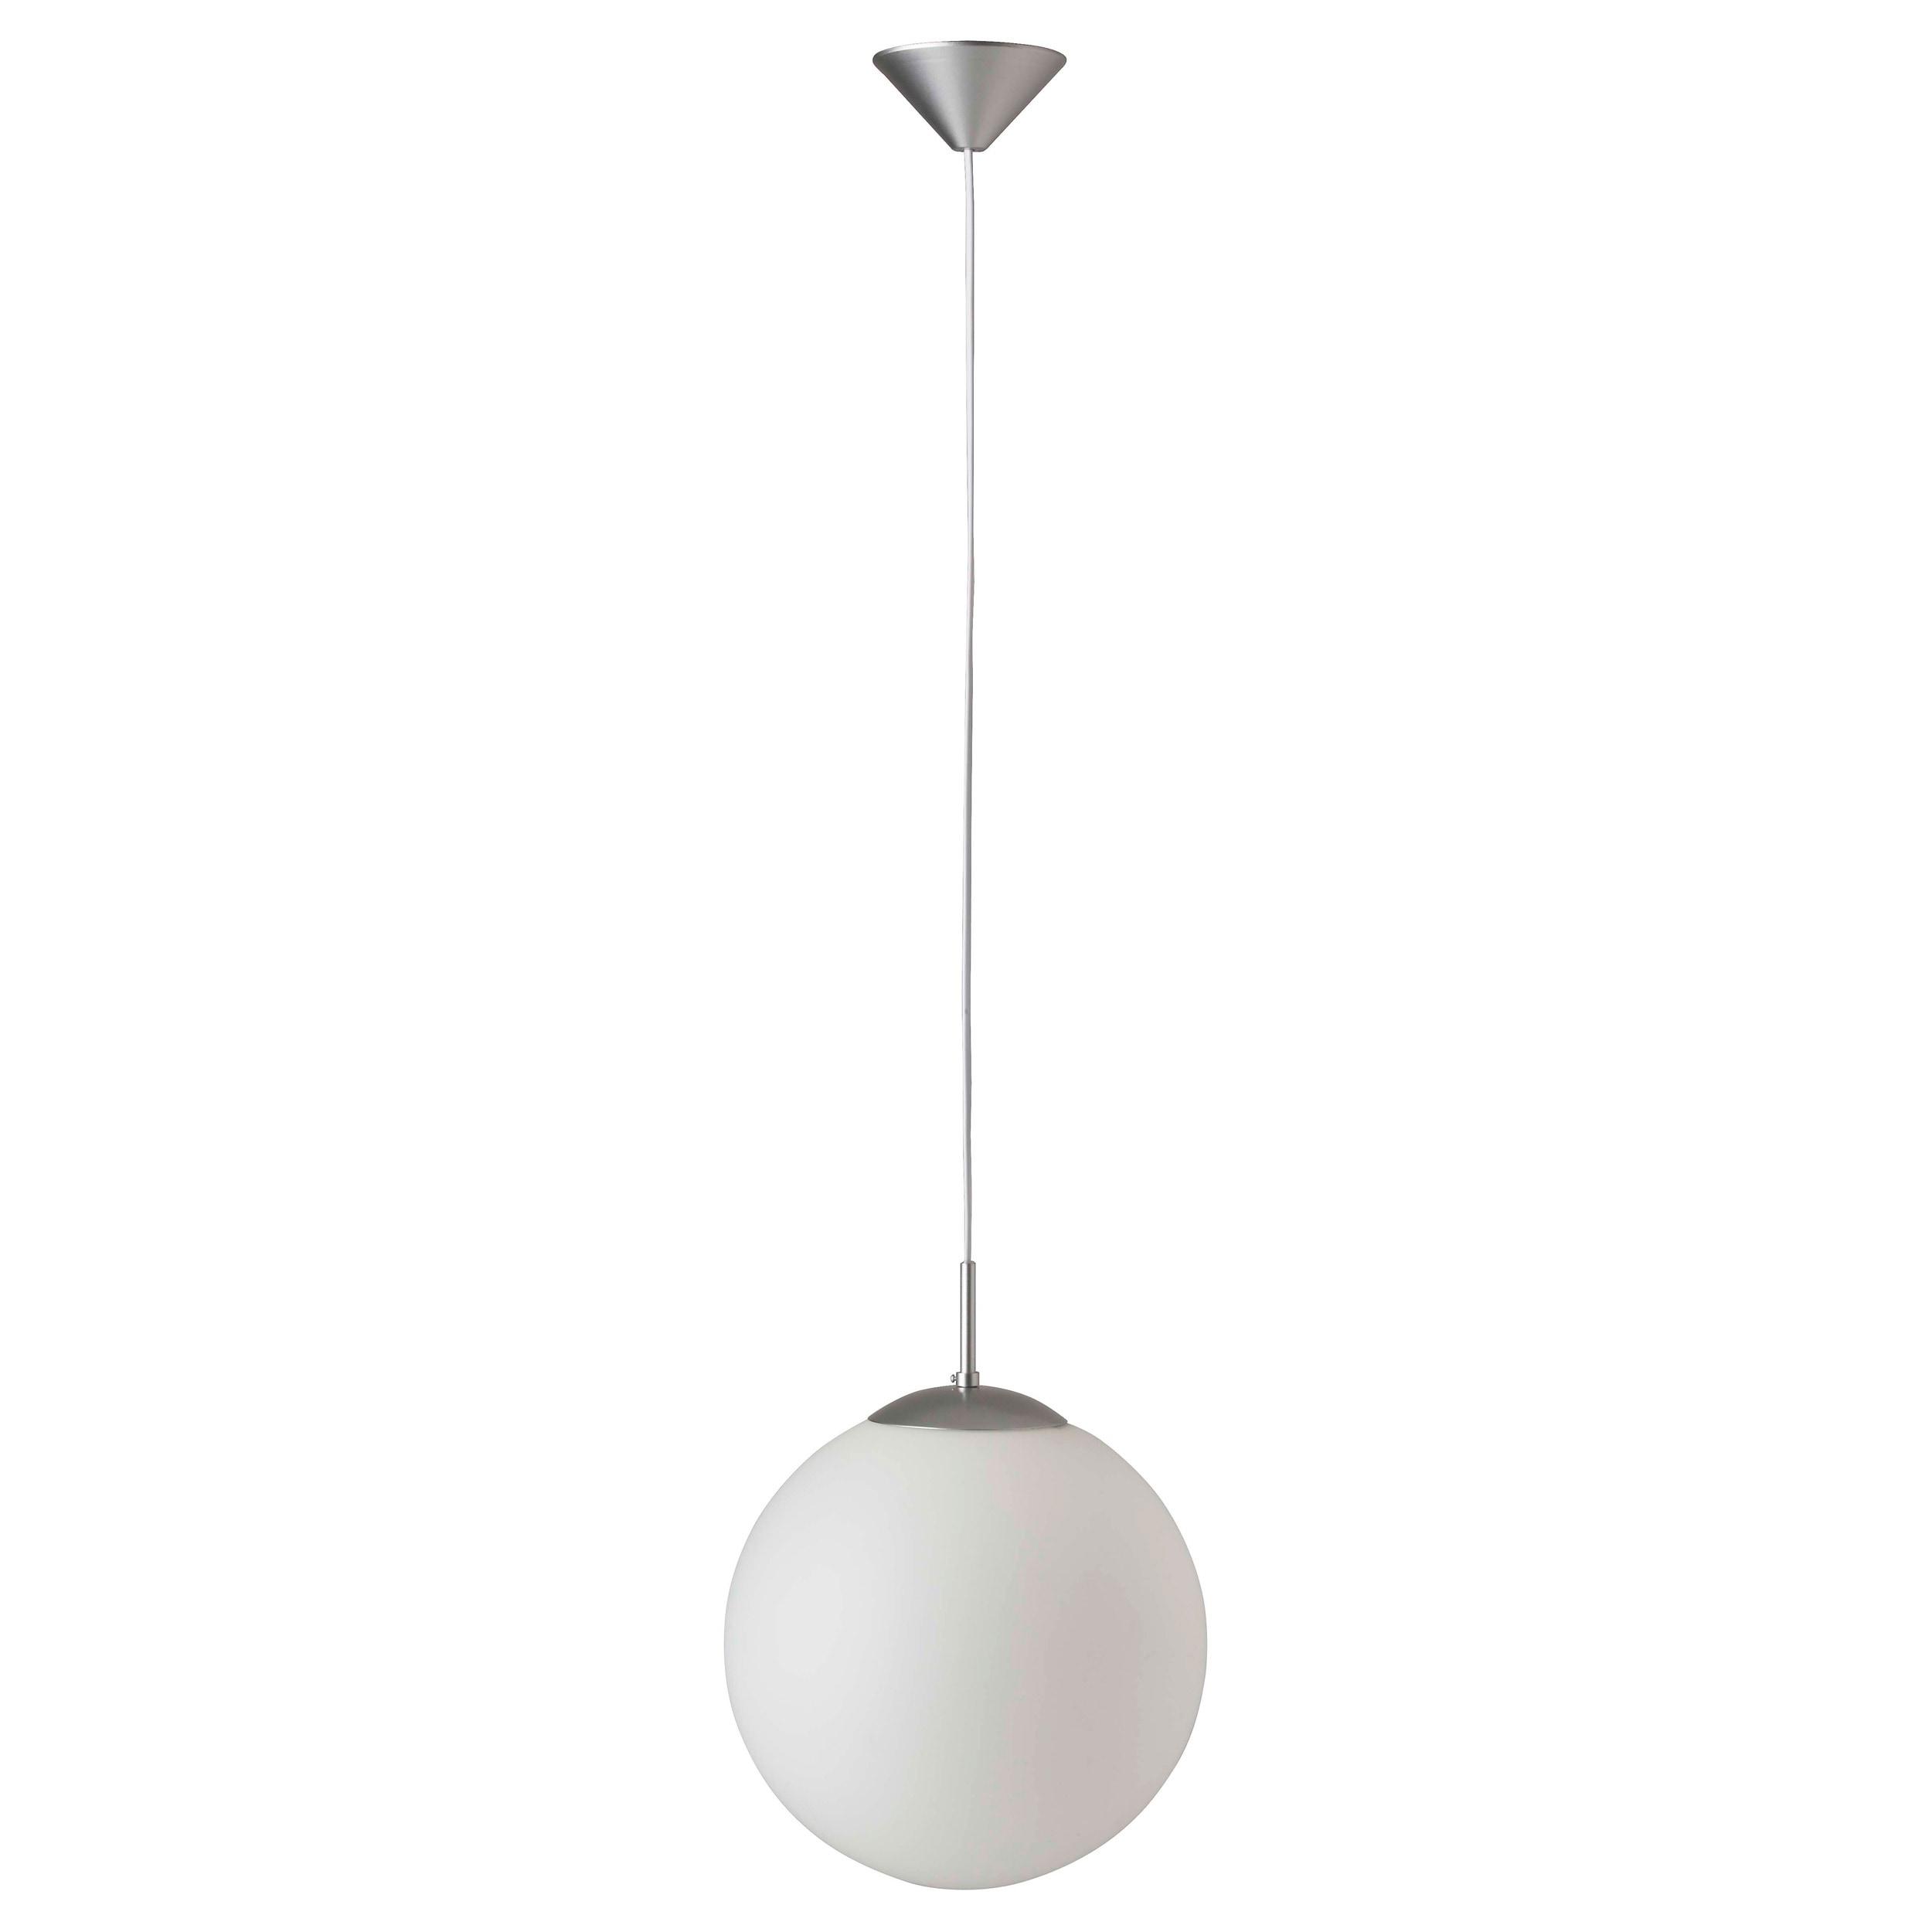 Brilliant Leuchten Fantasia Pendelleuchte 30cm silber/weiß